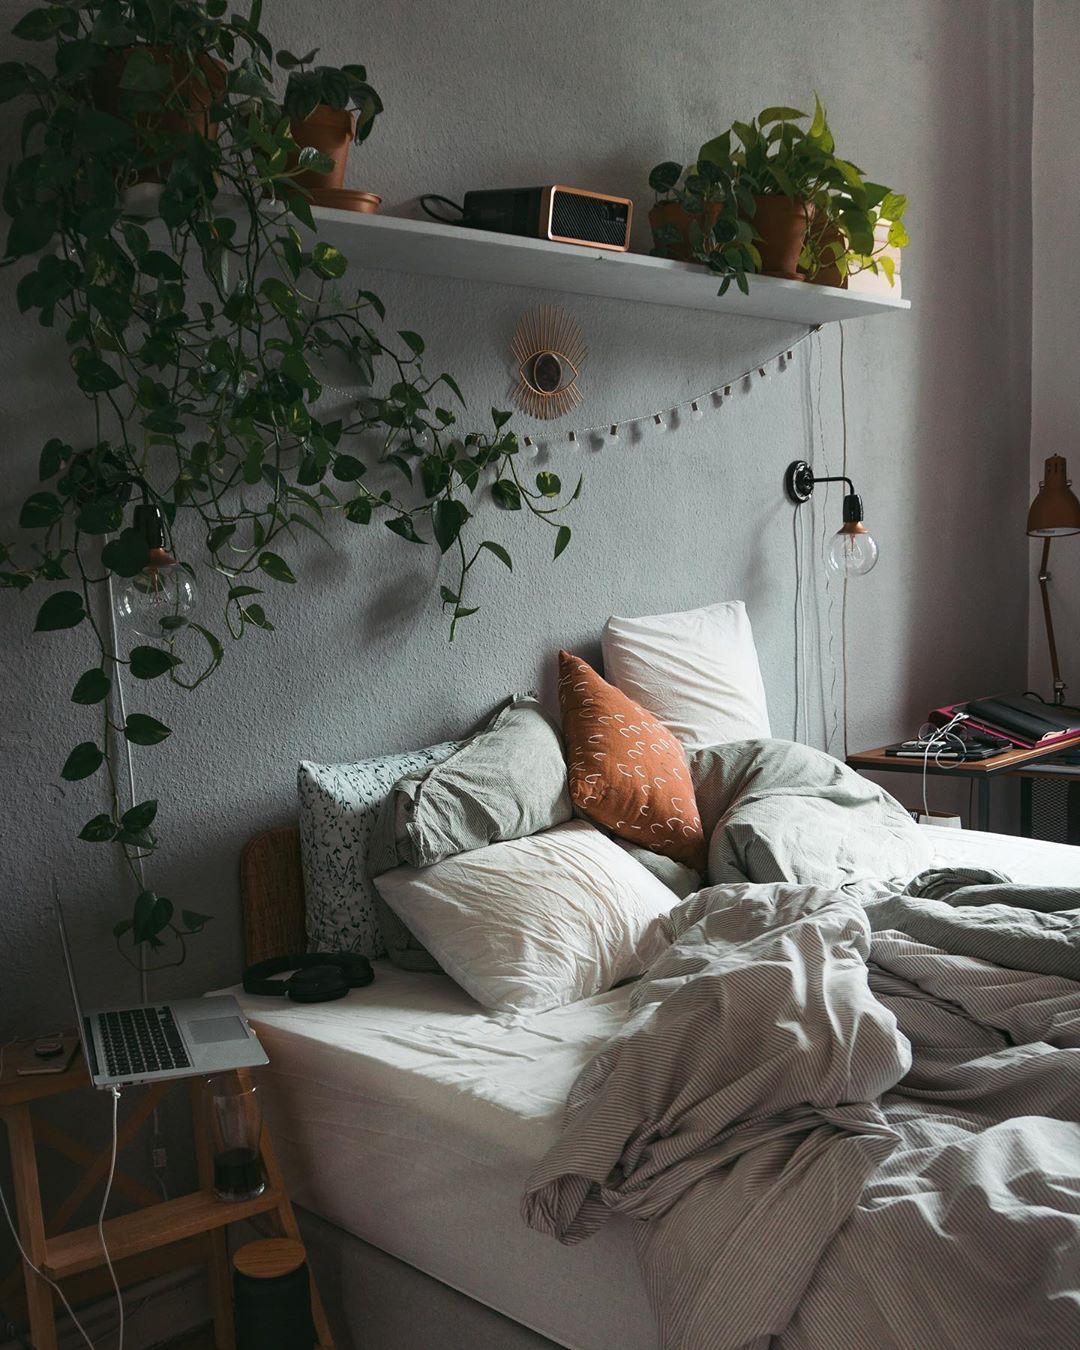 Interior I I Living Auf Instagram Werbung Ad Ich Liege Flach Dafur In 2020 Innenarchitektur Schlafzimmer Schlafzimmer Design Schlafzimmer Einrichten